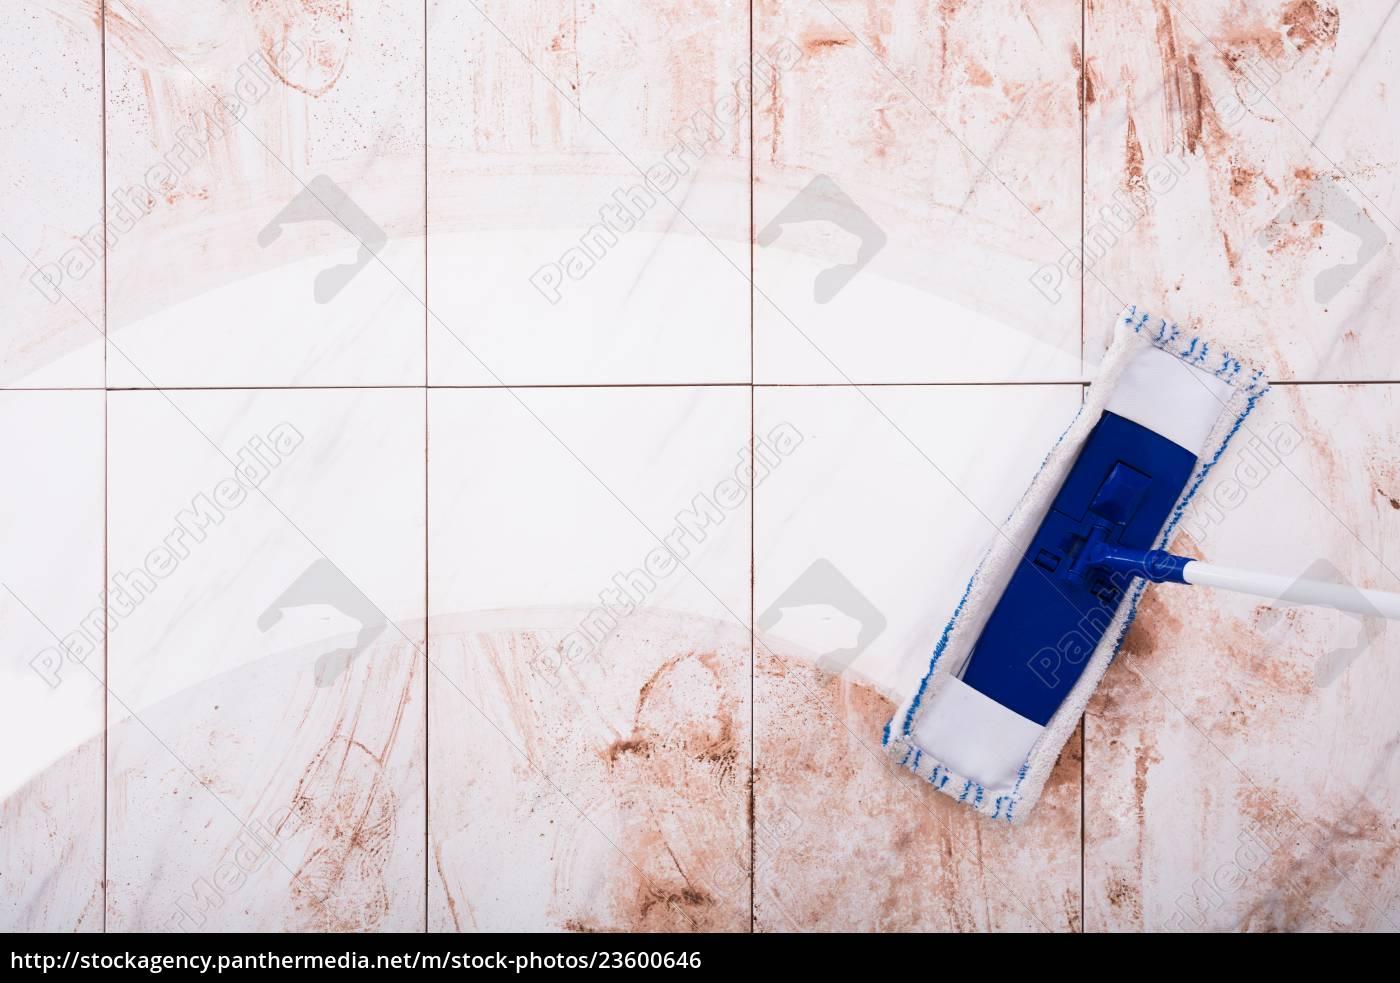 mop, cleaning, kitchen, floor - 23600646